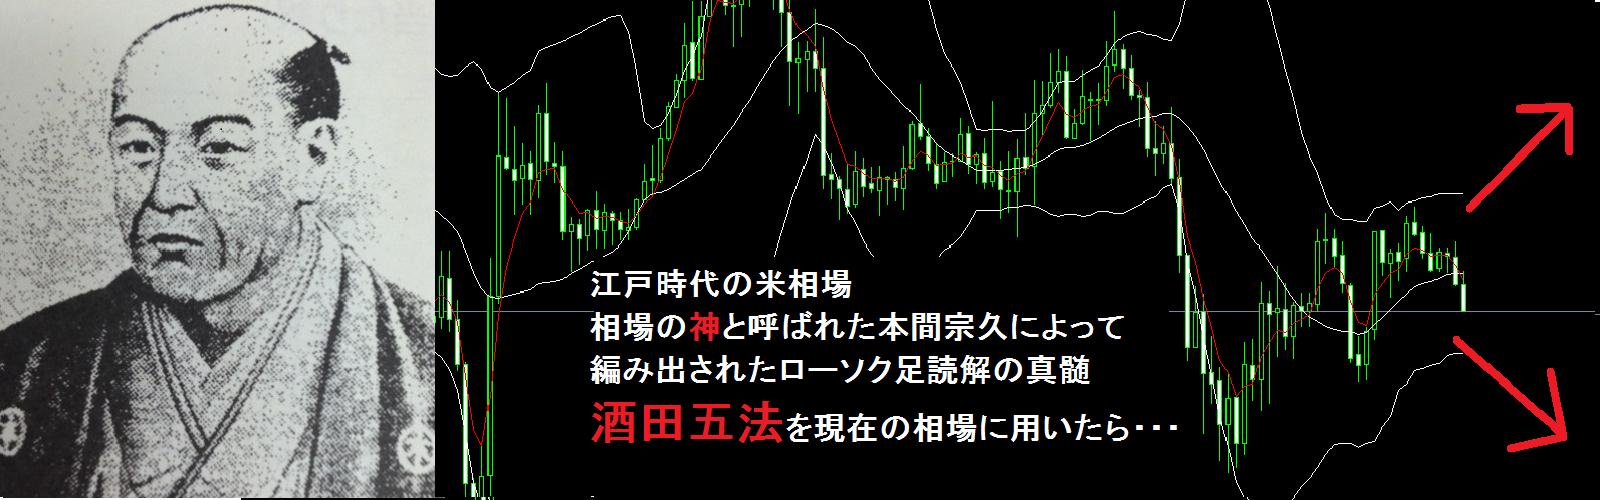 酒田五法 ~ローソク足チャートの真髄・酒田五法!~